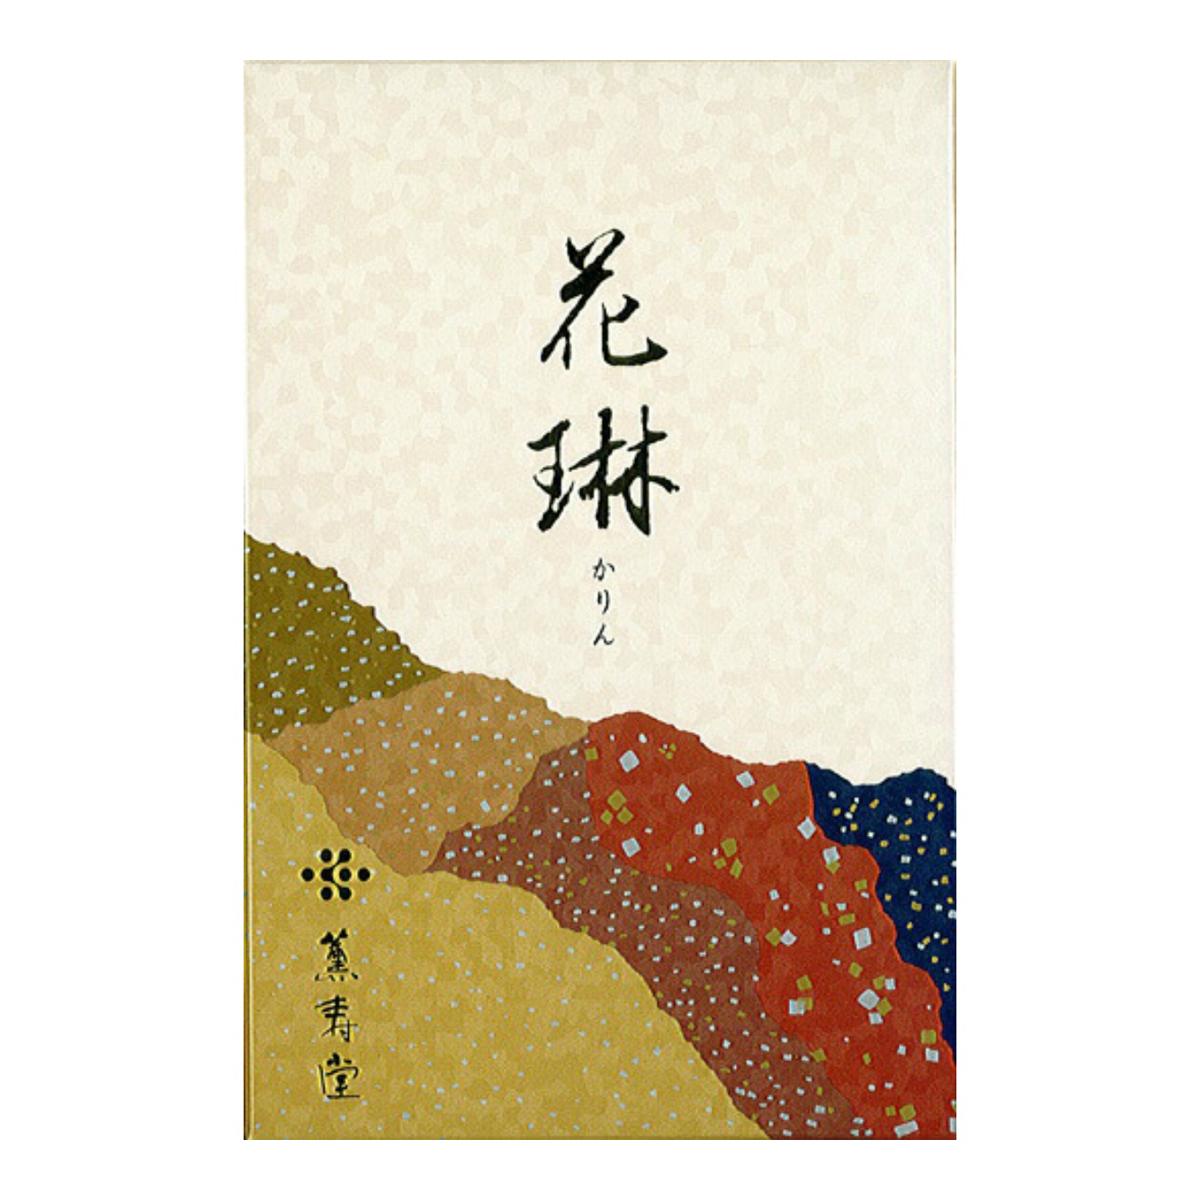 【送料無料】薫寿堂 カリン 花琳 大バラ 150g ( 線香 ) ×60点セット まとめ買い特価!ケース販売 ( 4972853810210 )